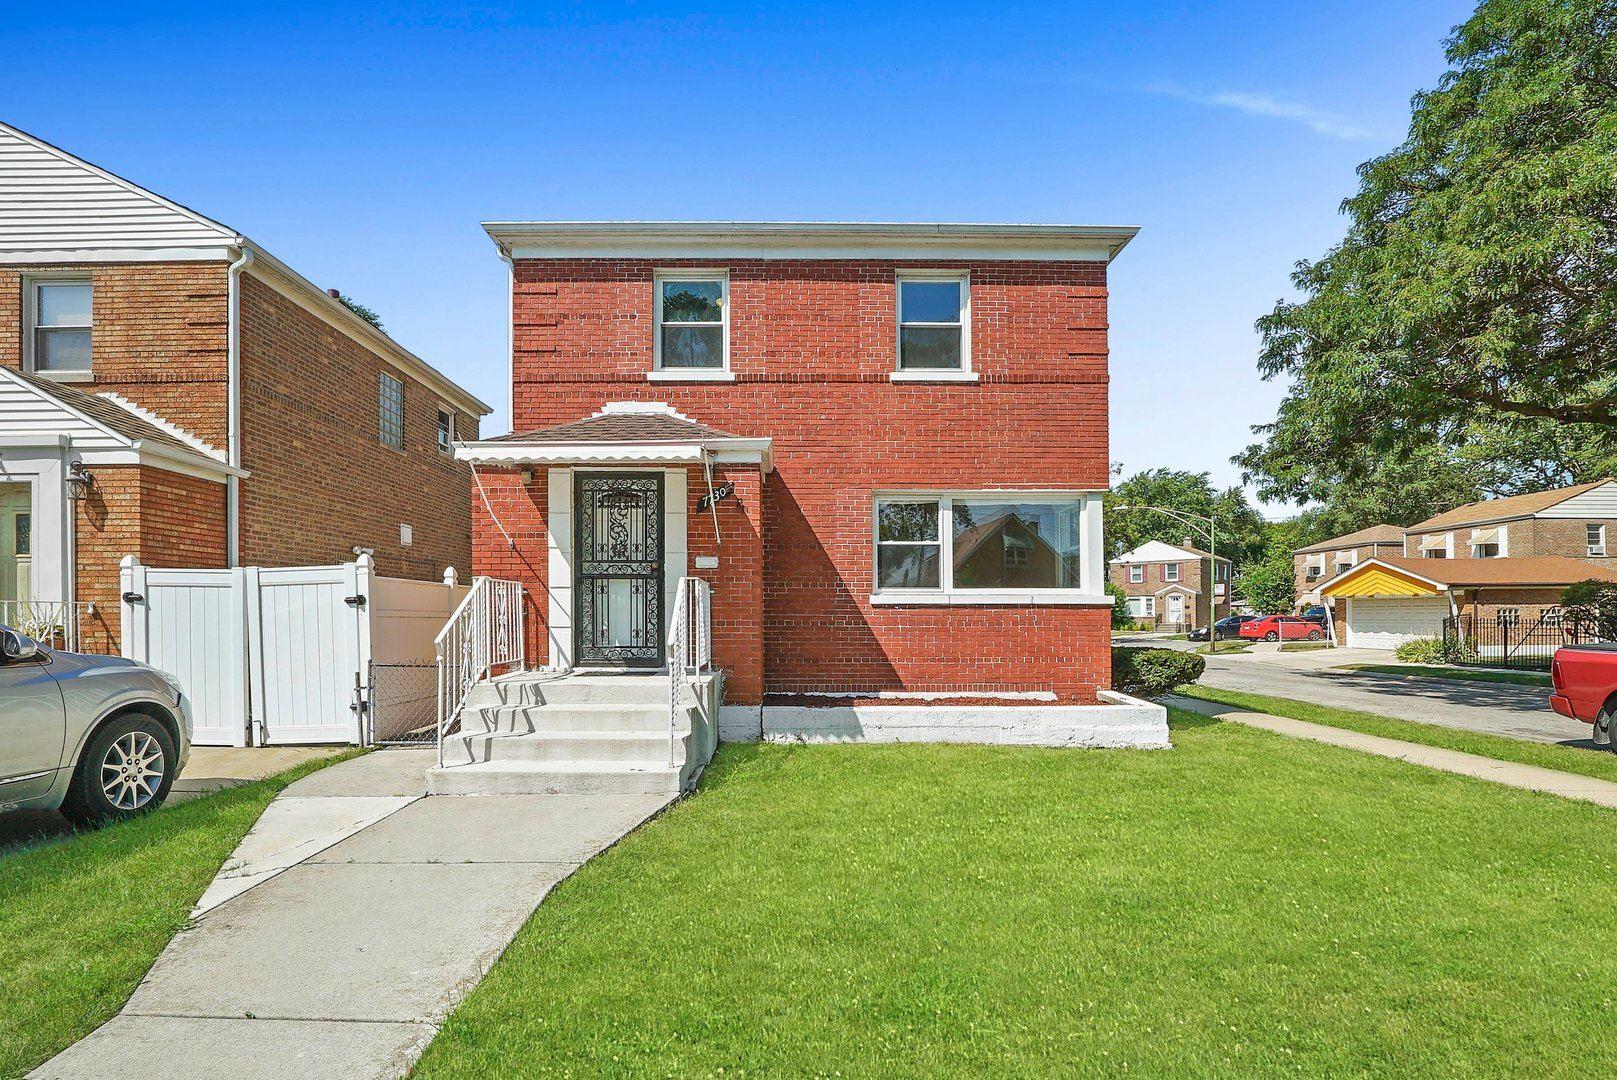 7730 S Hamilton Avenue, Chicago, IL 60620 - #: 11203019